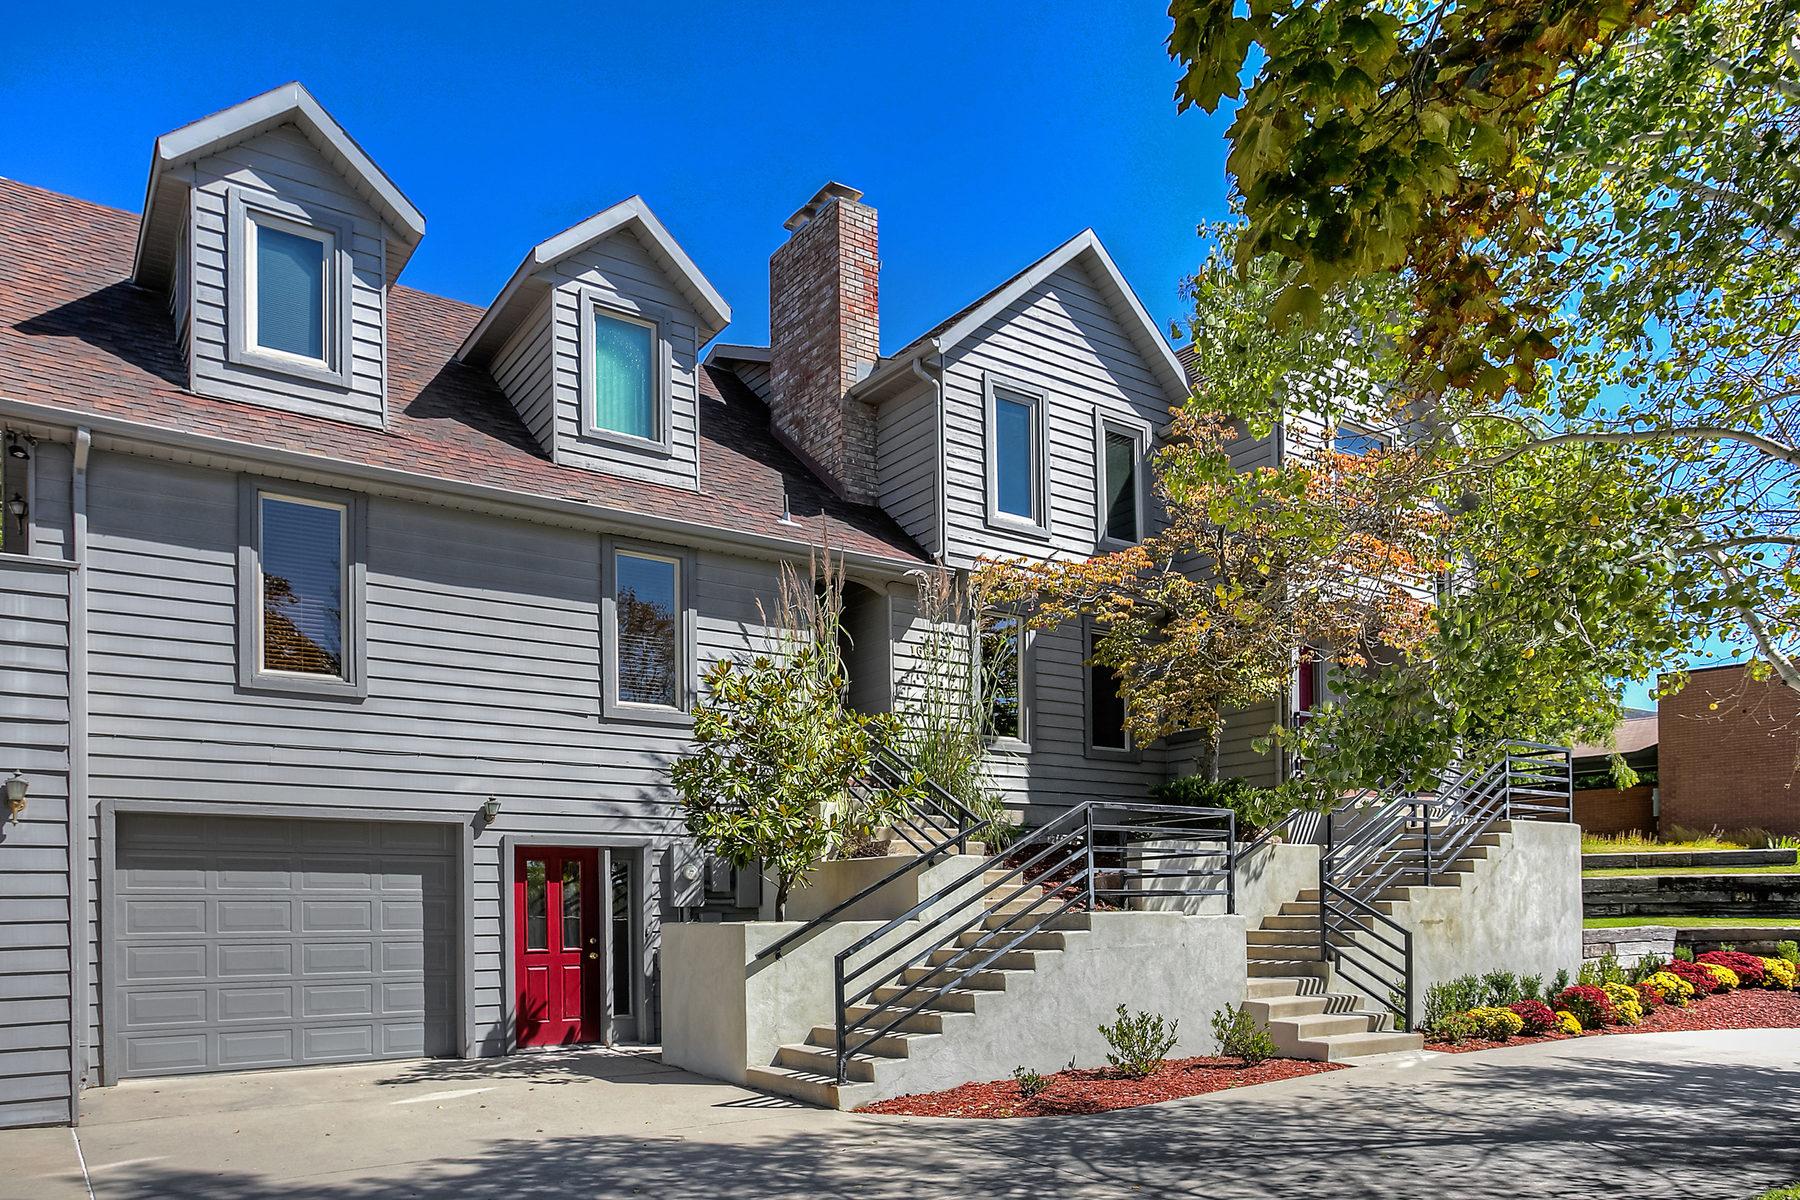 Nhà ở một gia đình vì Bán tại Great Location, Incredible Value 1661 Federal Heights Dr Salt Lake City, Utah 84103 Hoa Kỳ